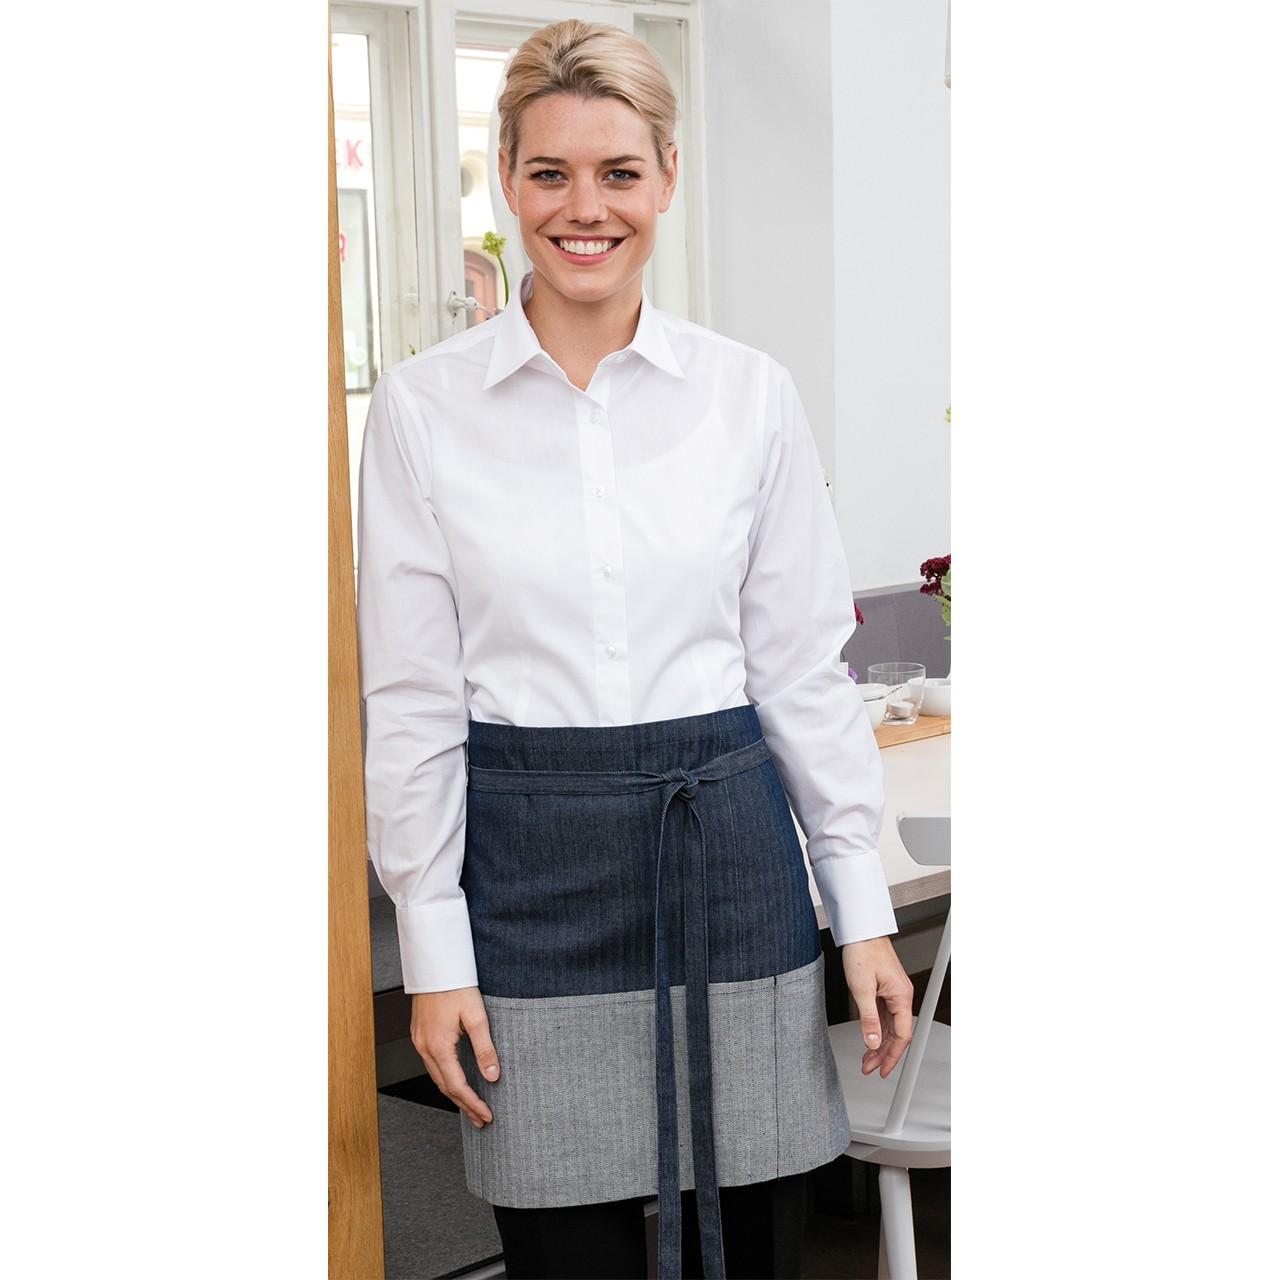 Denim Vorbinder im Jeanslook 2-farbig Exner® | bedrucken, besticken, bedrucken lassen, besticken lassen, mit Logo |